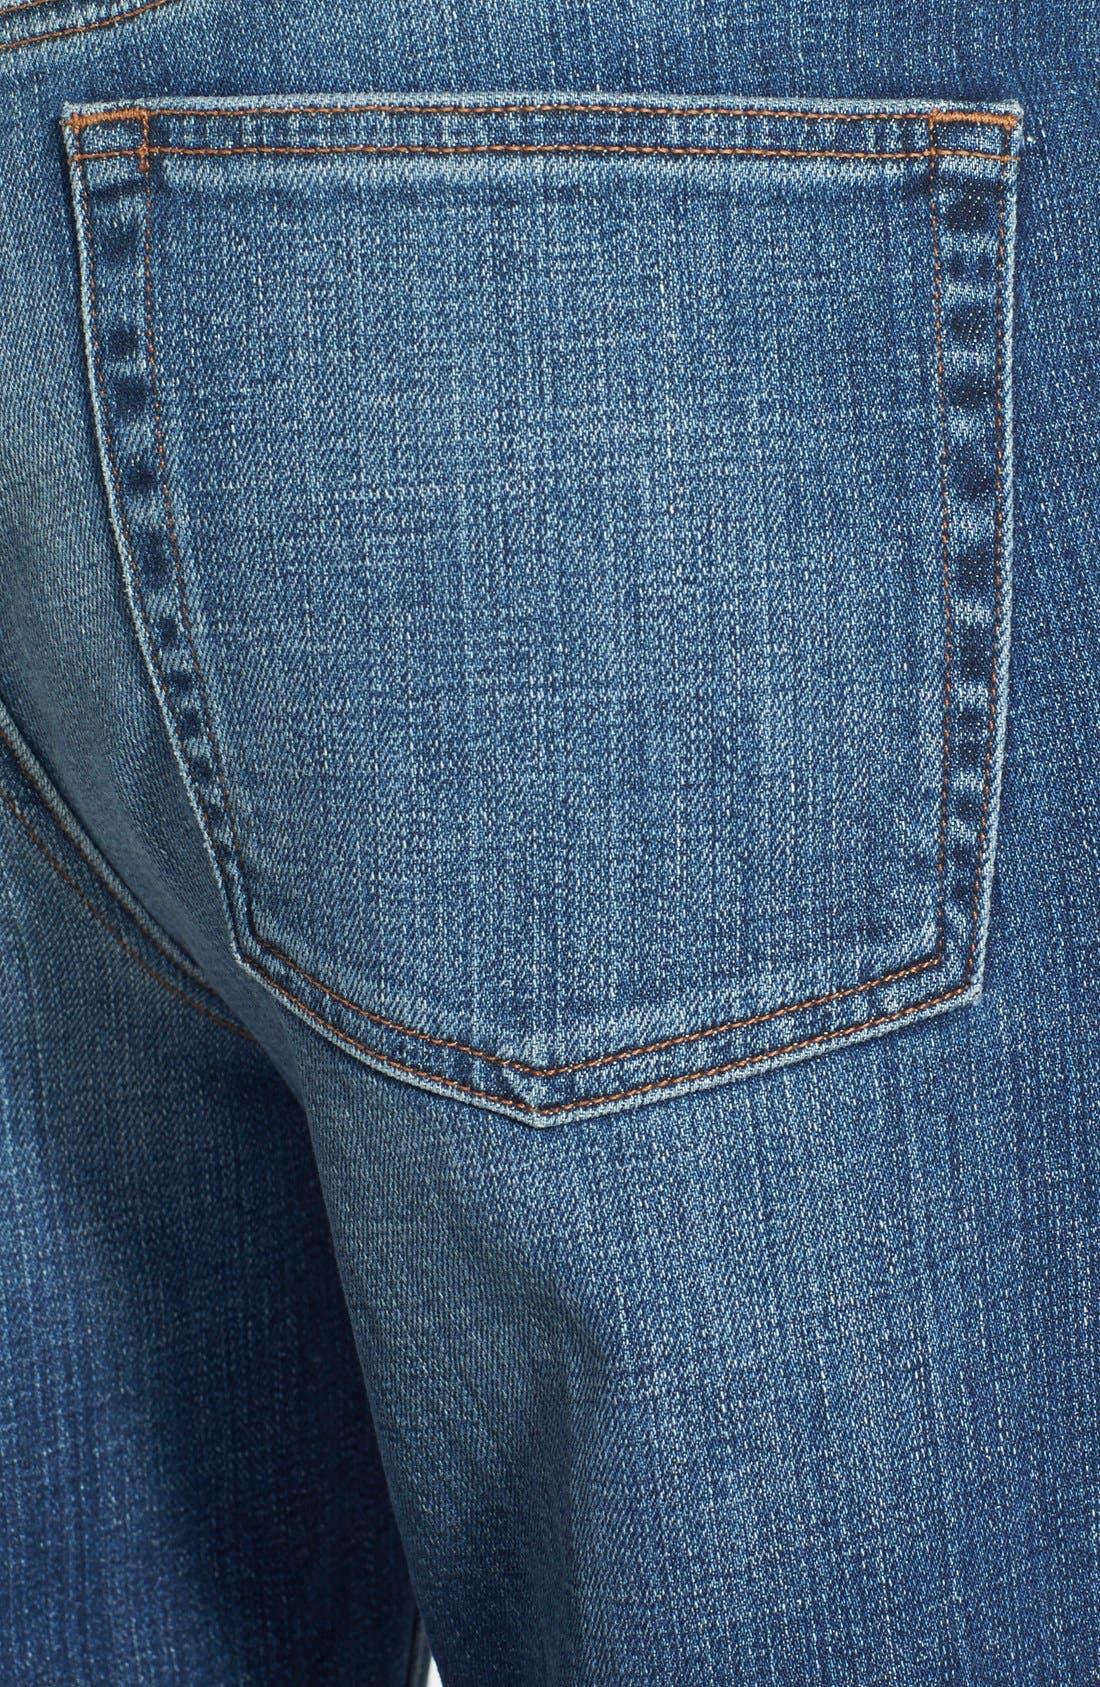 Organic Cotton Boyfriend Jeans,                             Alternate thumbnail 9, color,                             400